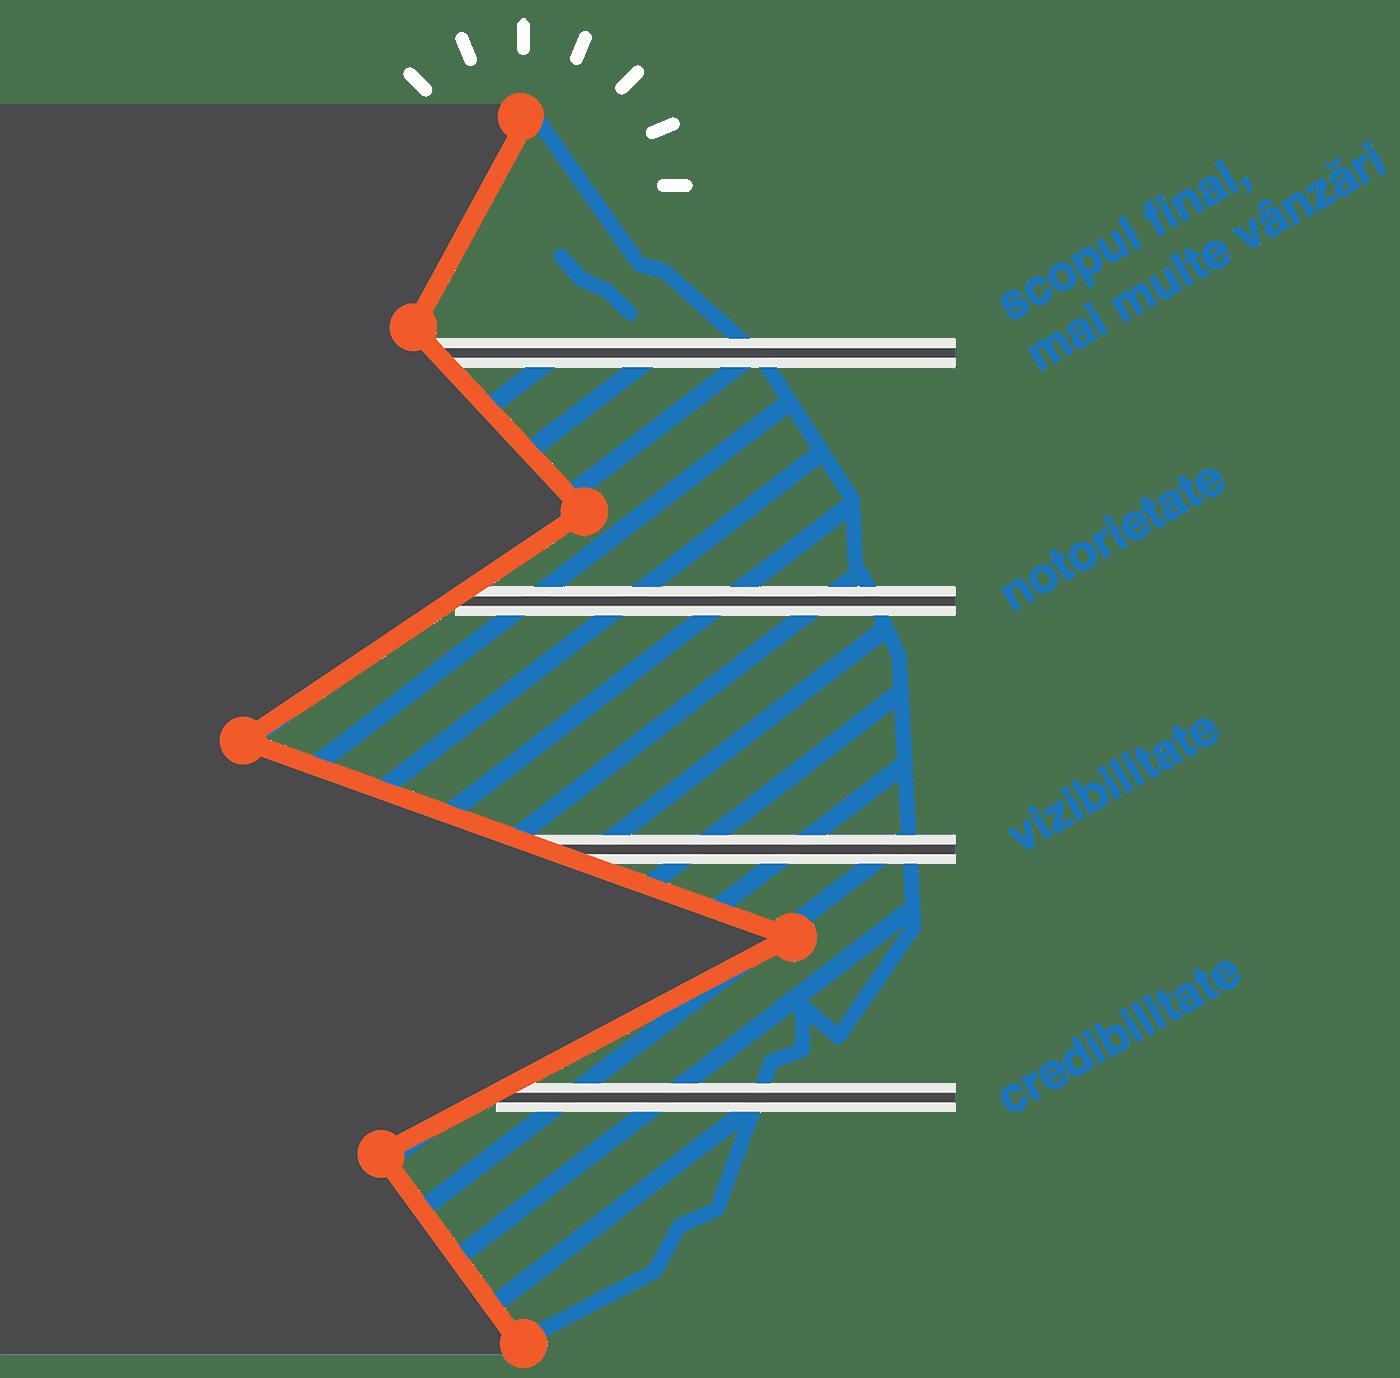 Afla mai multe despre povestea agentiei de marketing Connect Media si despre cum iti poate ajuta afacerea sa creasca.